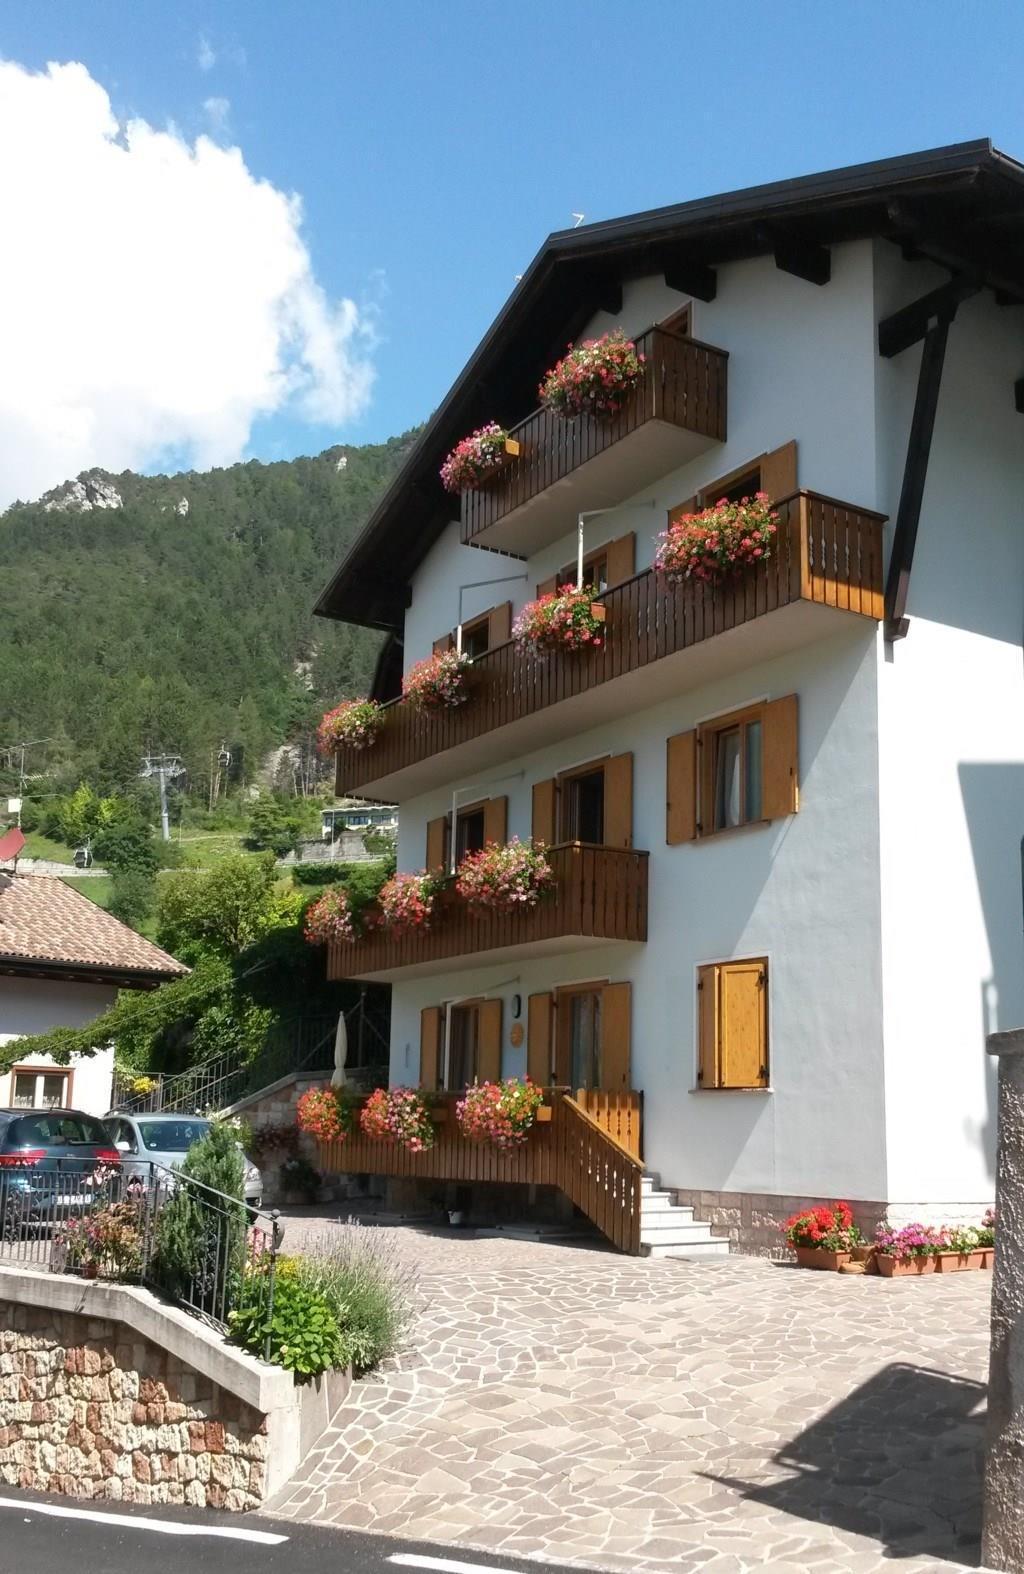 Casa Alba Chiara